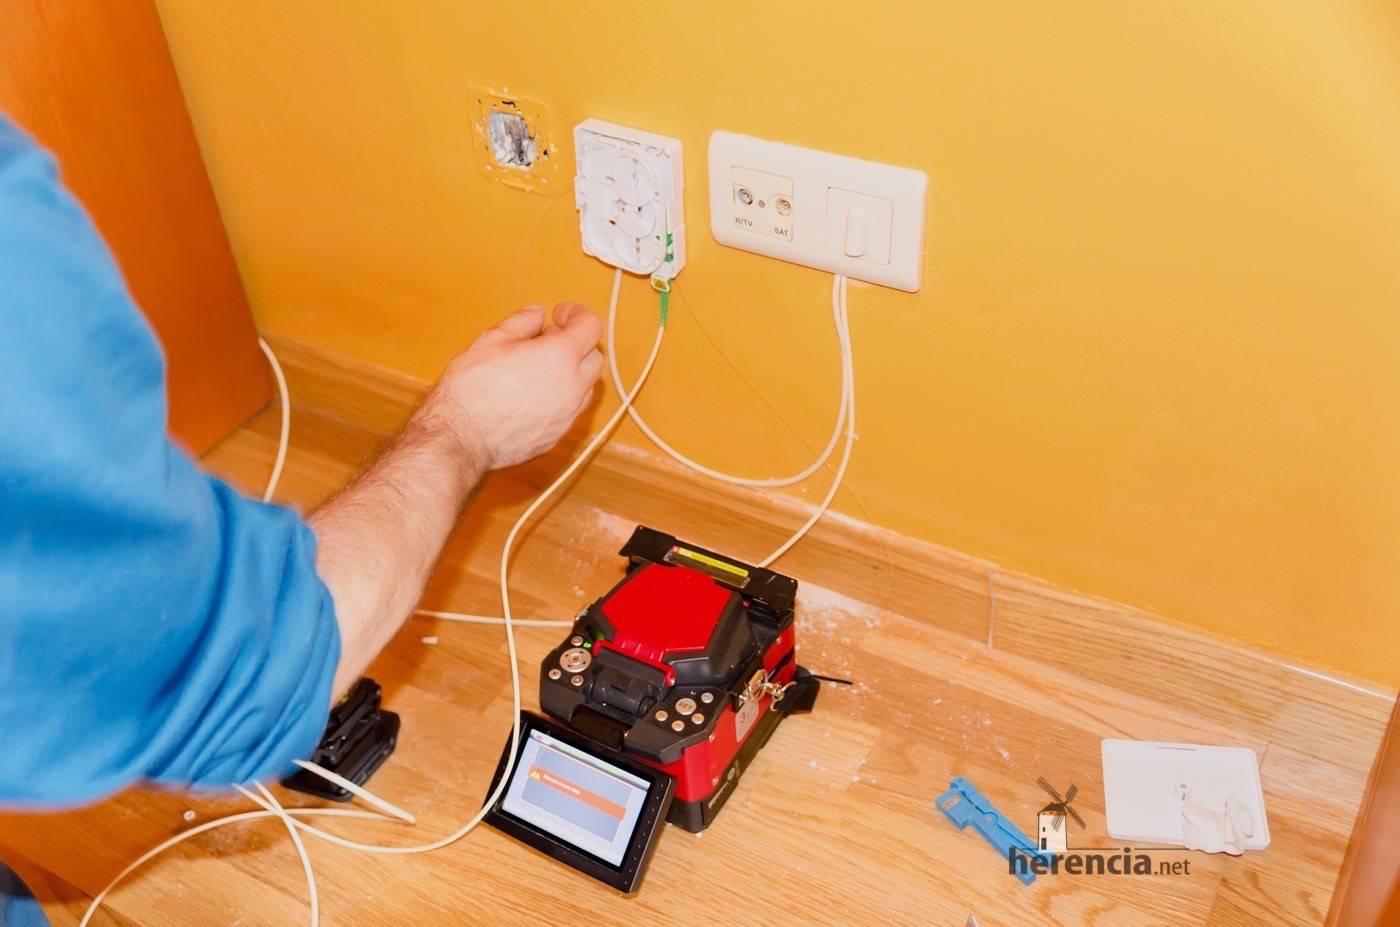 instalacion fibra optica en el hogar - La fibra óptica avanza a buen ritmo en nuestra región